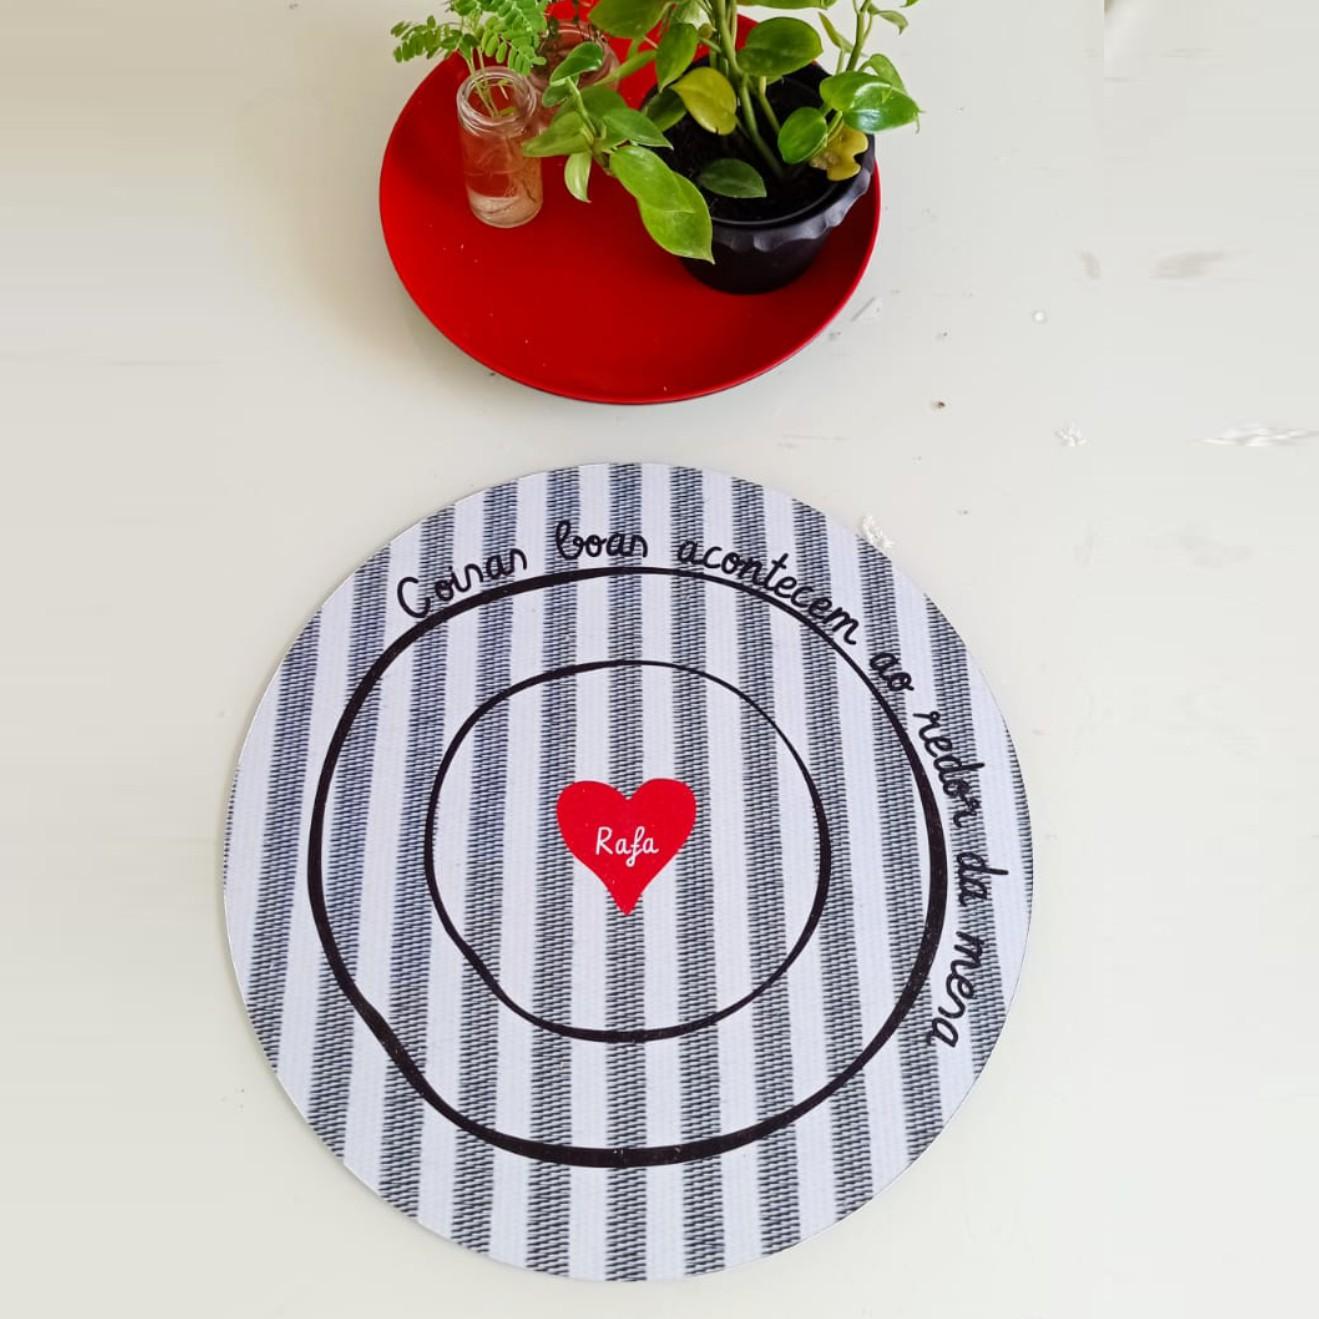 Jogo Americano Redondo Personalizado - Coisas Boas acontecem ao redor da mesa